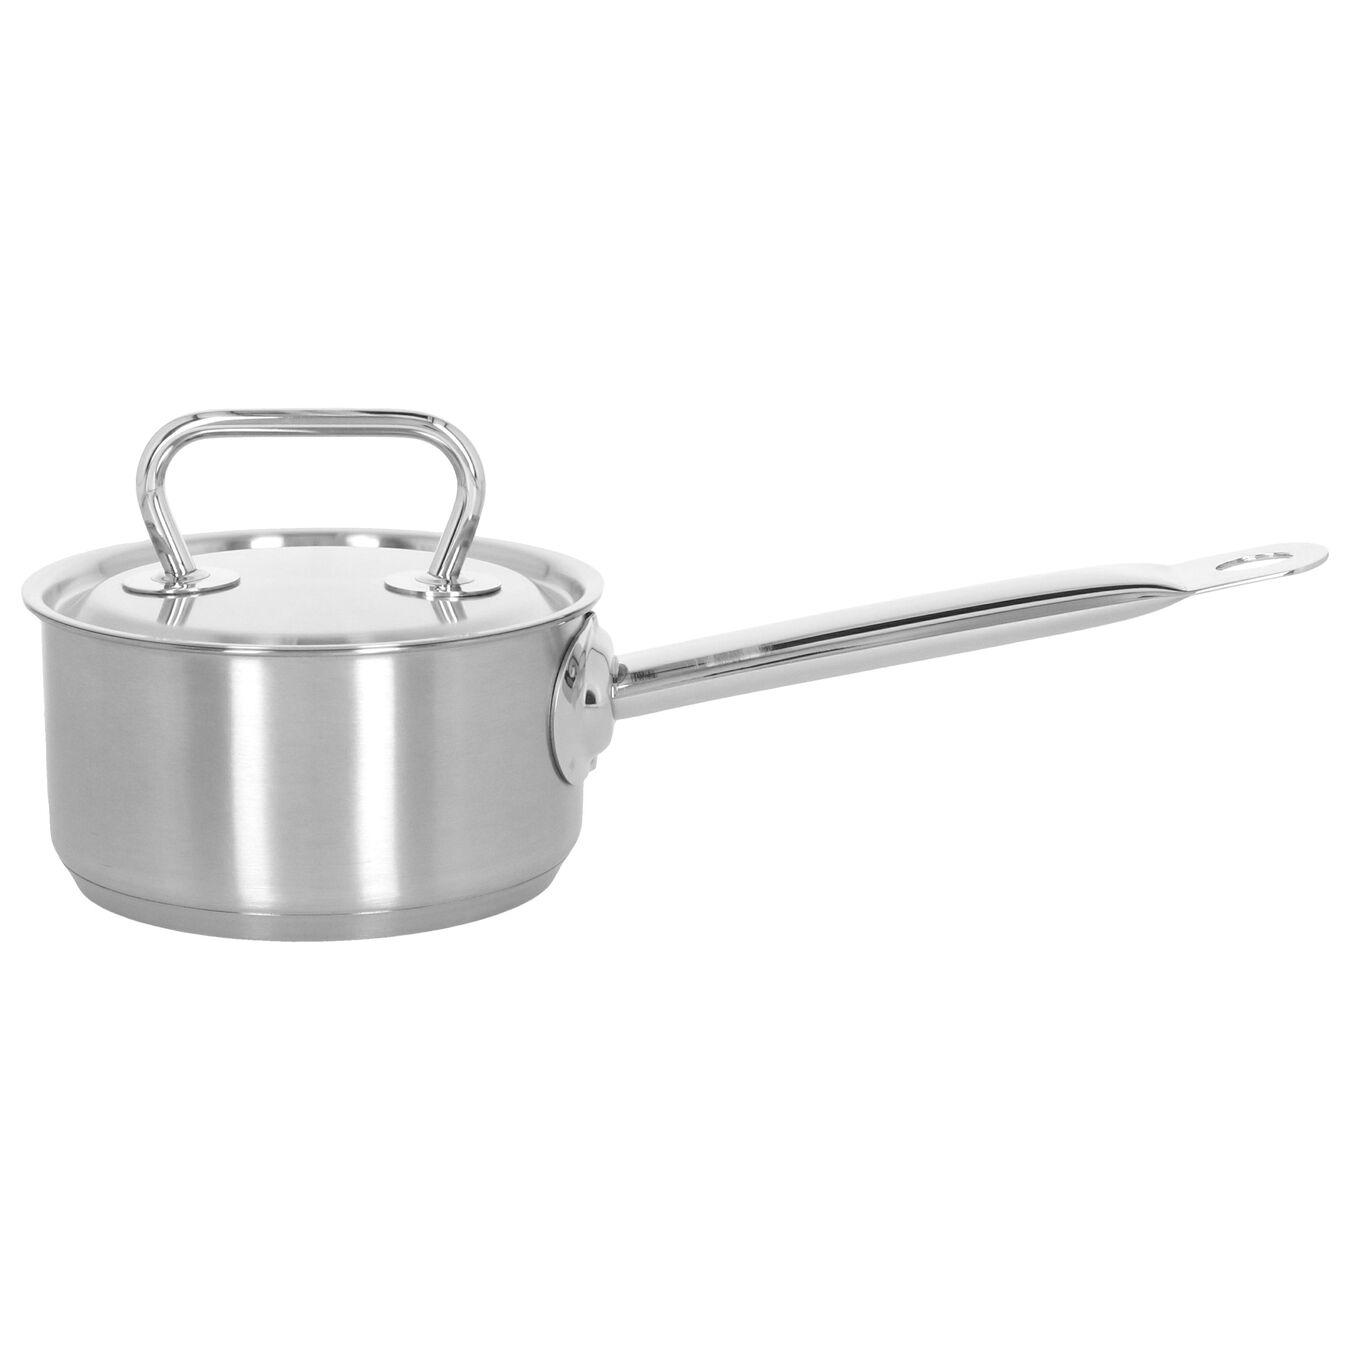 Steelpan met deksel, 14 cm / 1 l,,large 1